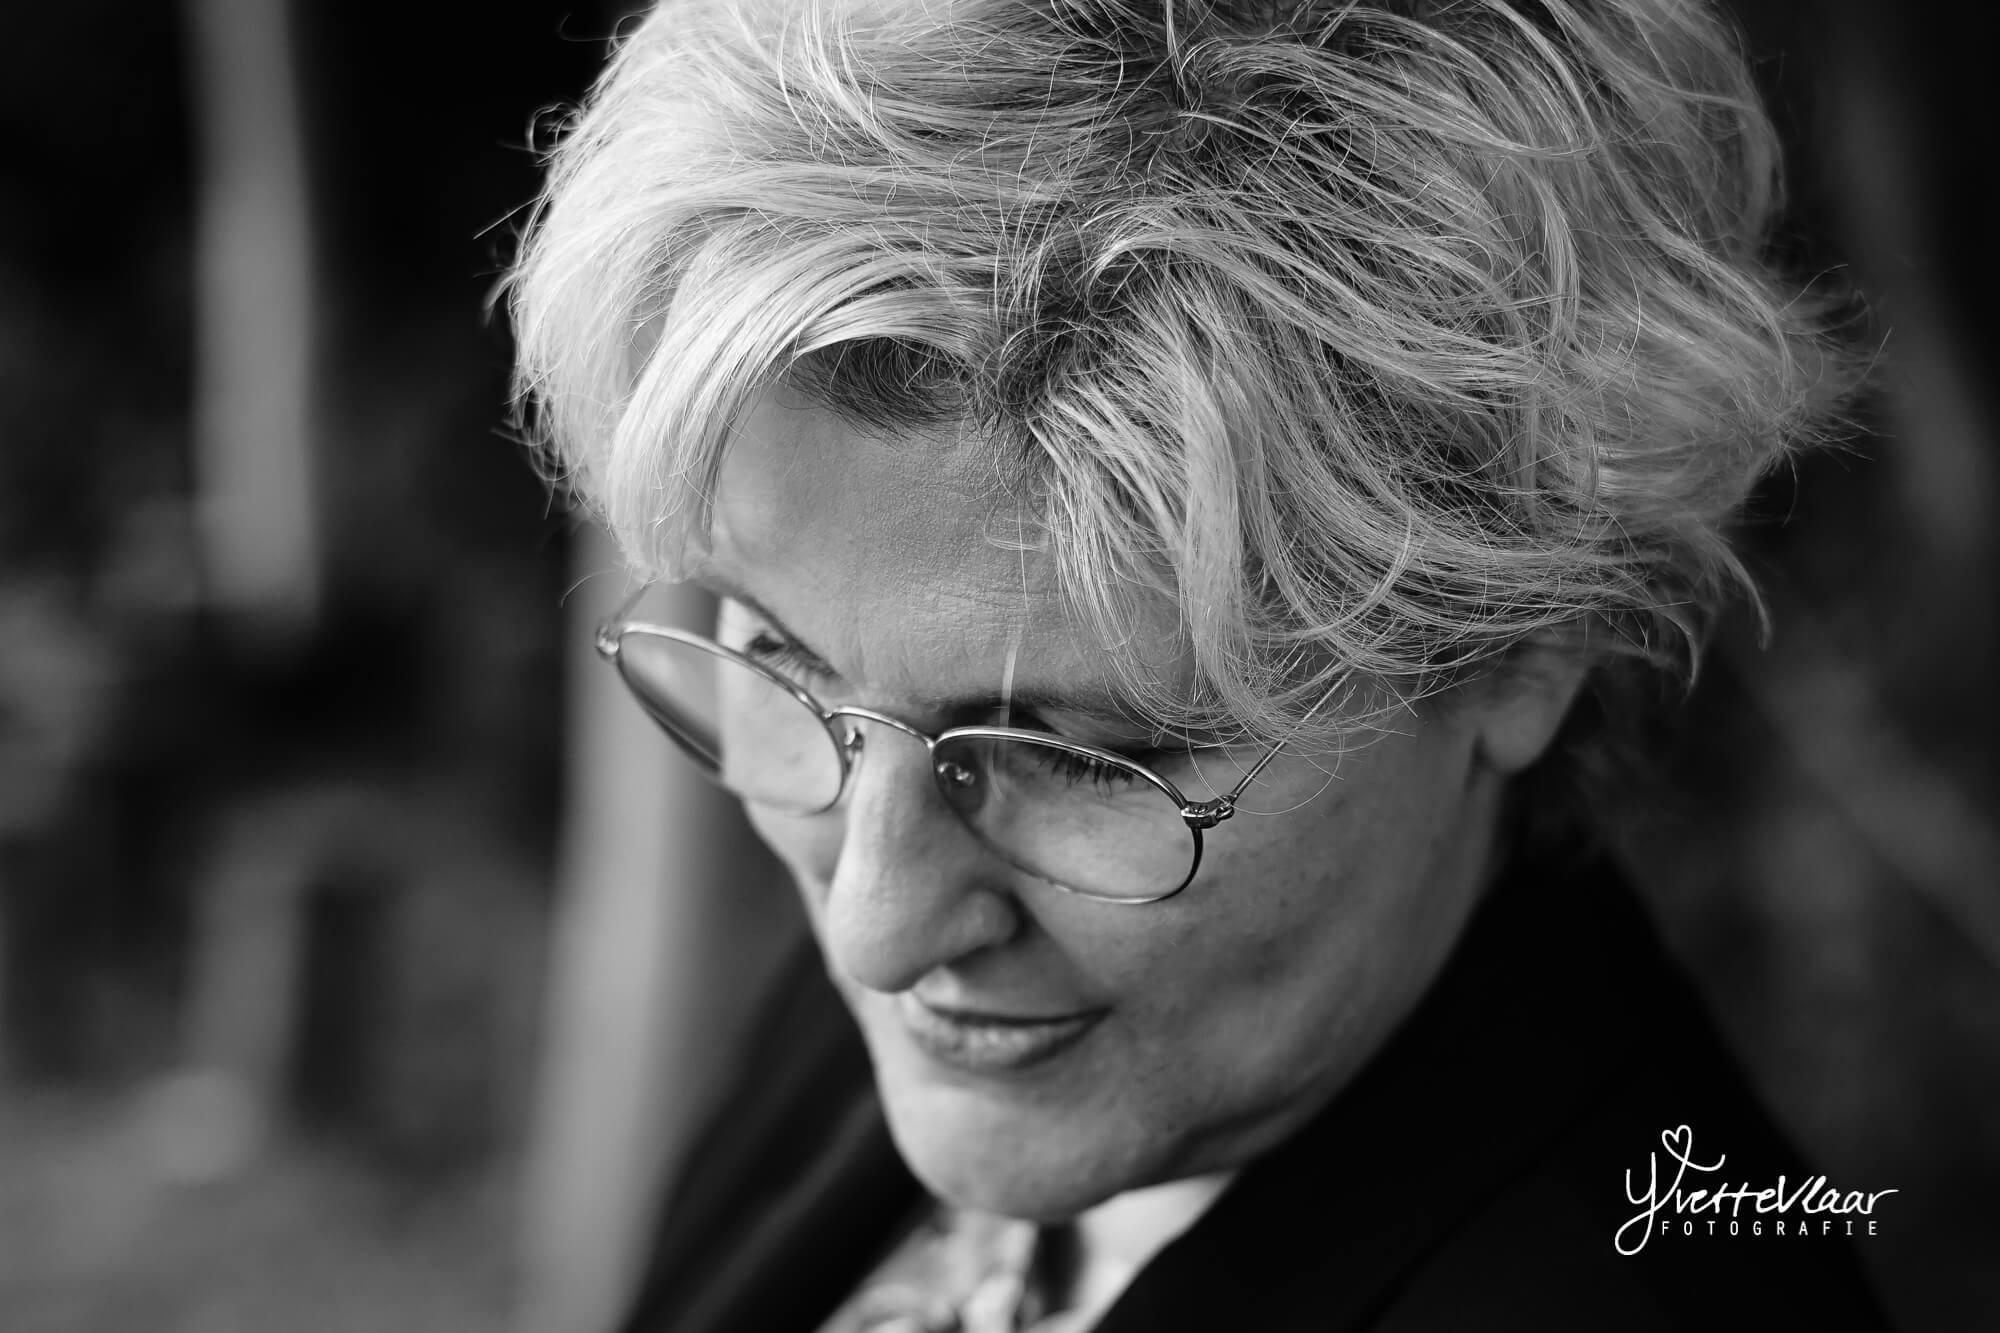 Yvette-Vlaar-afscheidsfotograaf